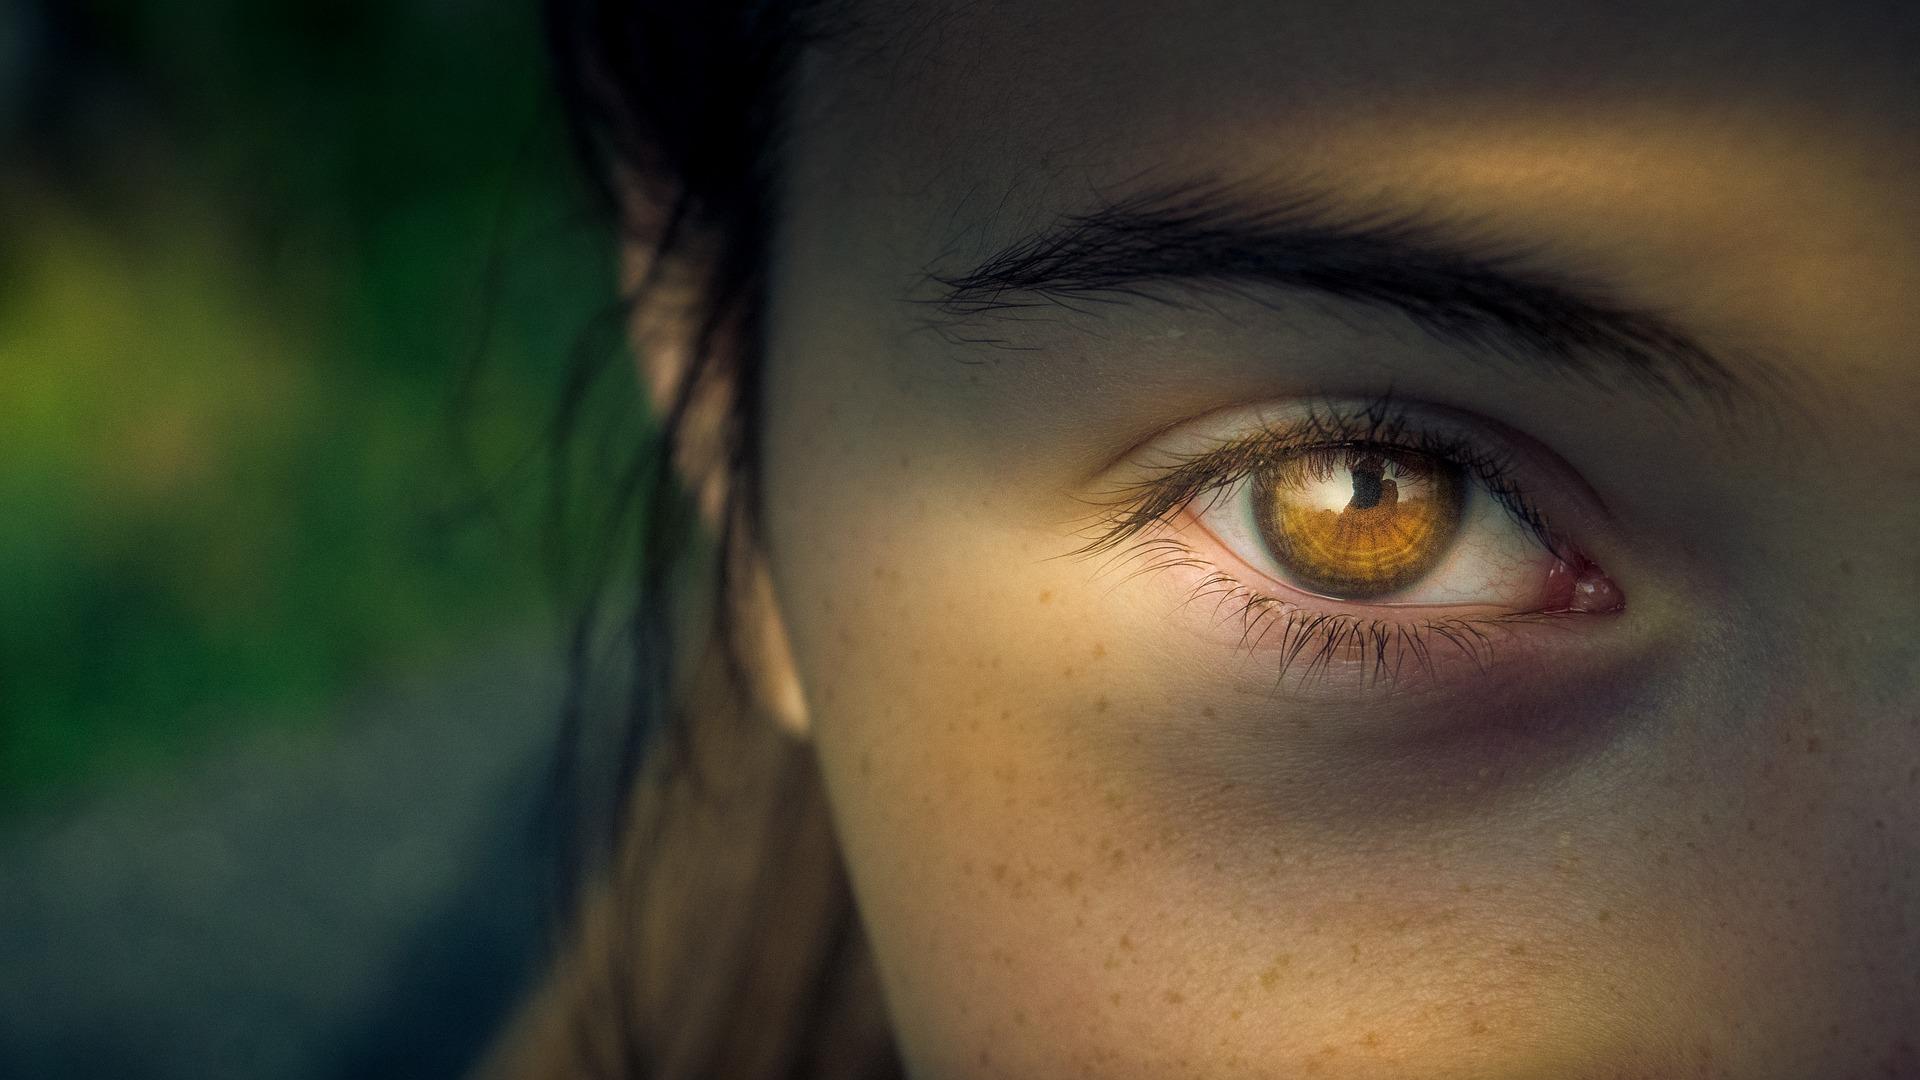 Hábitos de vida y glaucoma: Recomendaciones